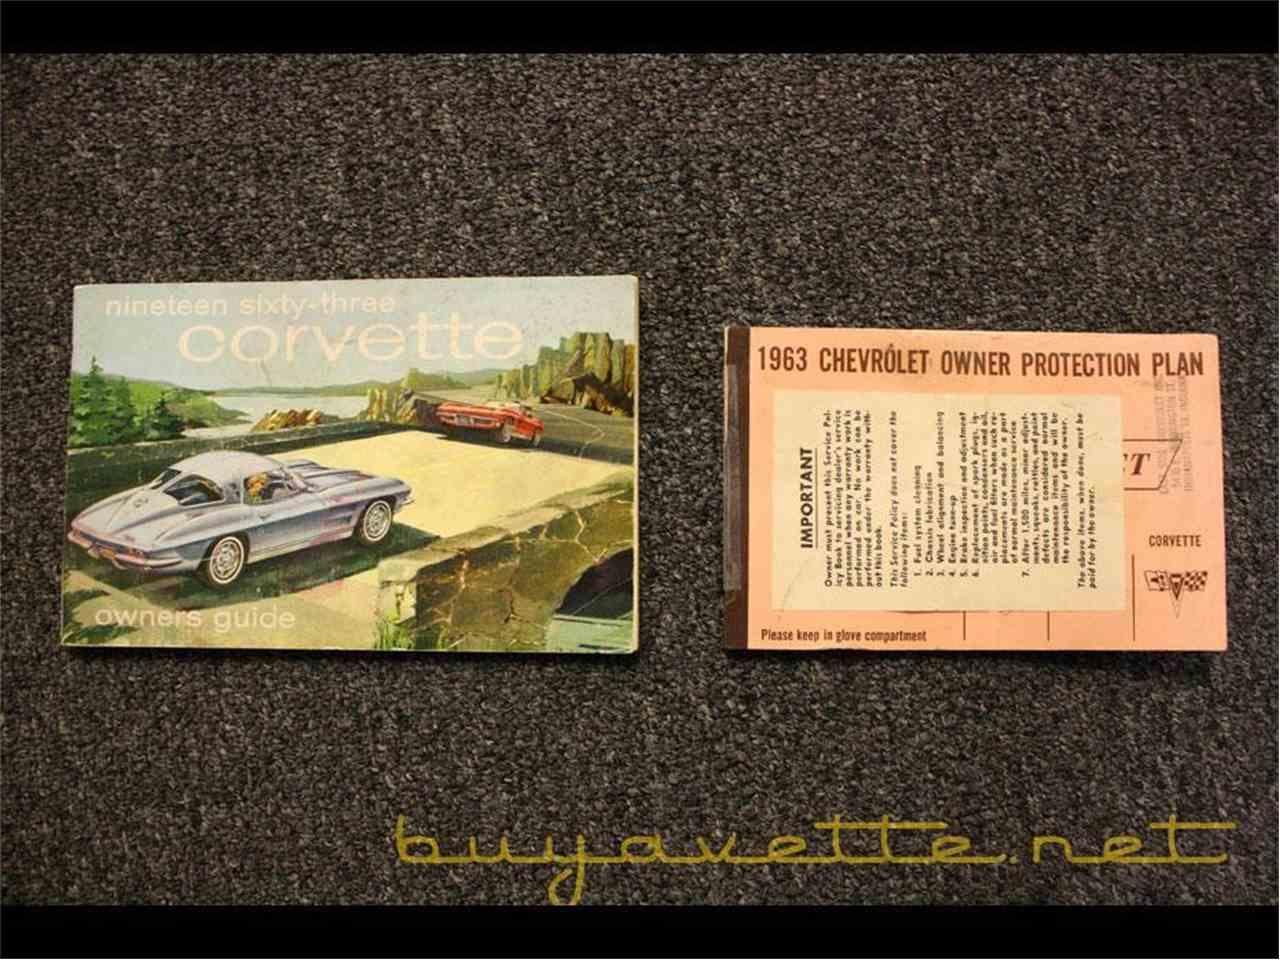 Large Picture of 1963 Chevrolet Corvette located in Georgia - $115,999.00 - LPPB